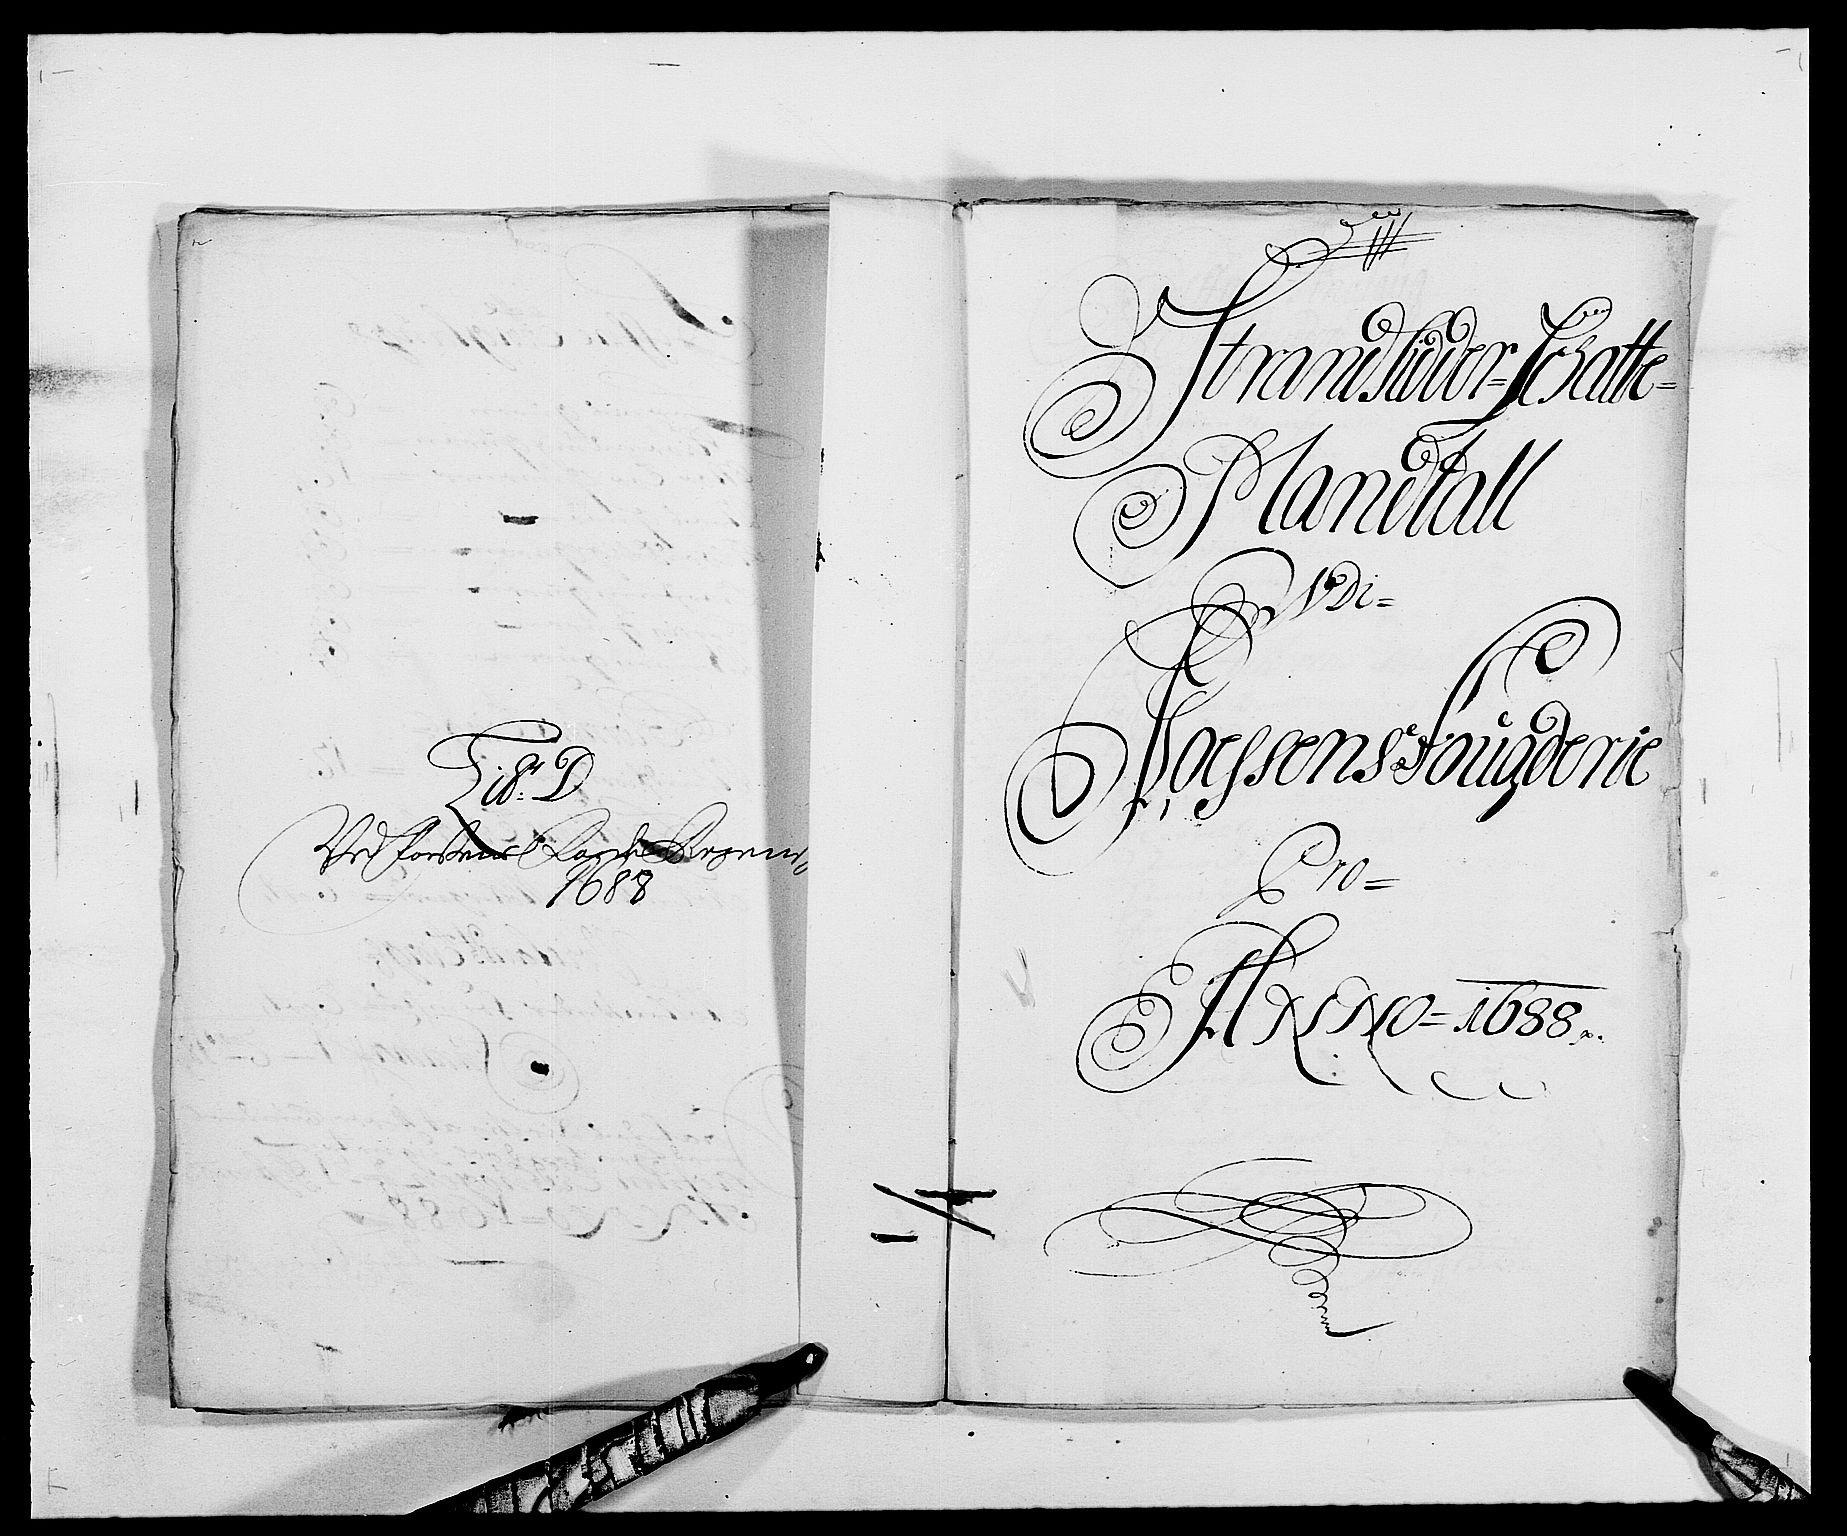 RA, Rentekammeret inntil 1814, Reviderte regnskaper, Fogderegnskap, R57/L3846: Fogderegnskap Fosen, 1688, s. 81